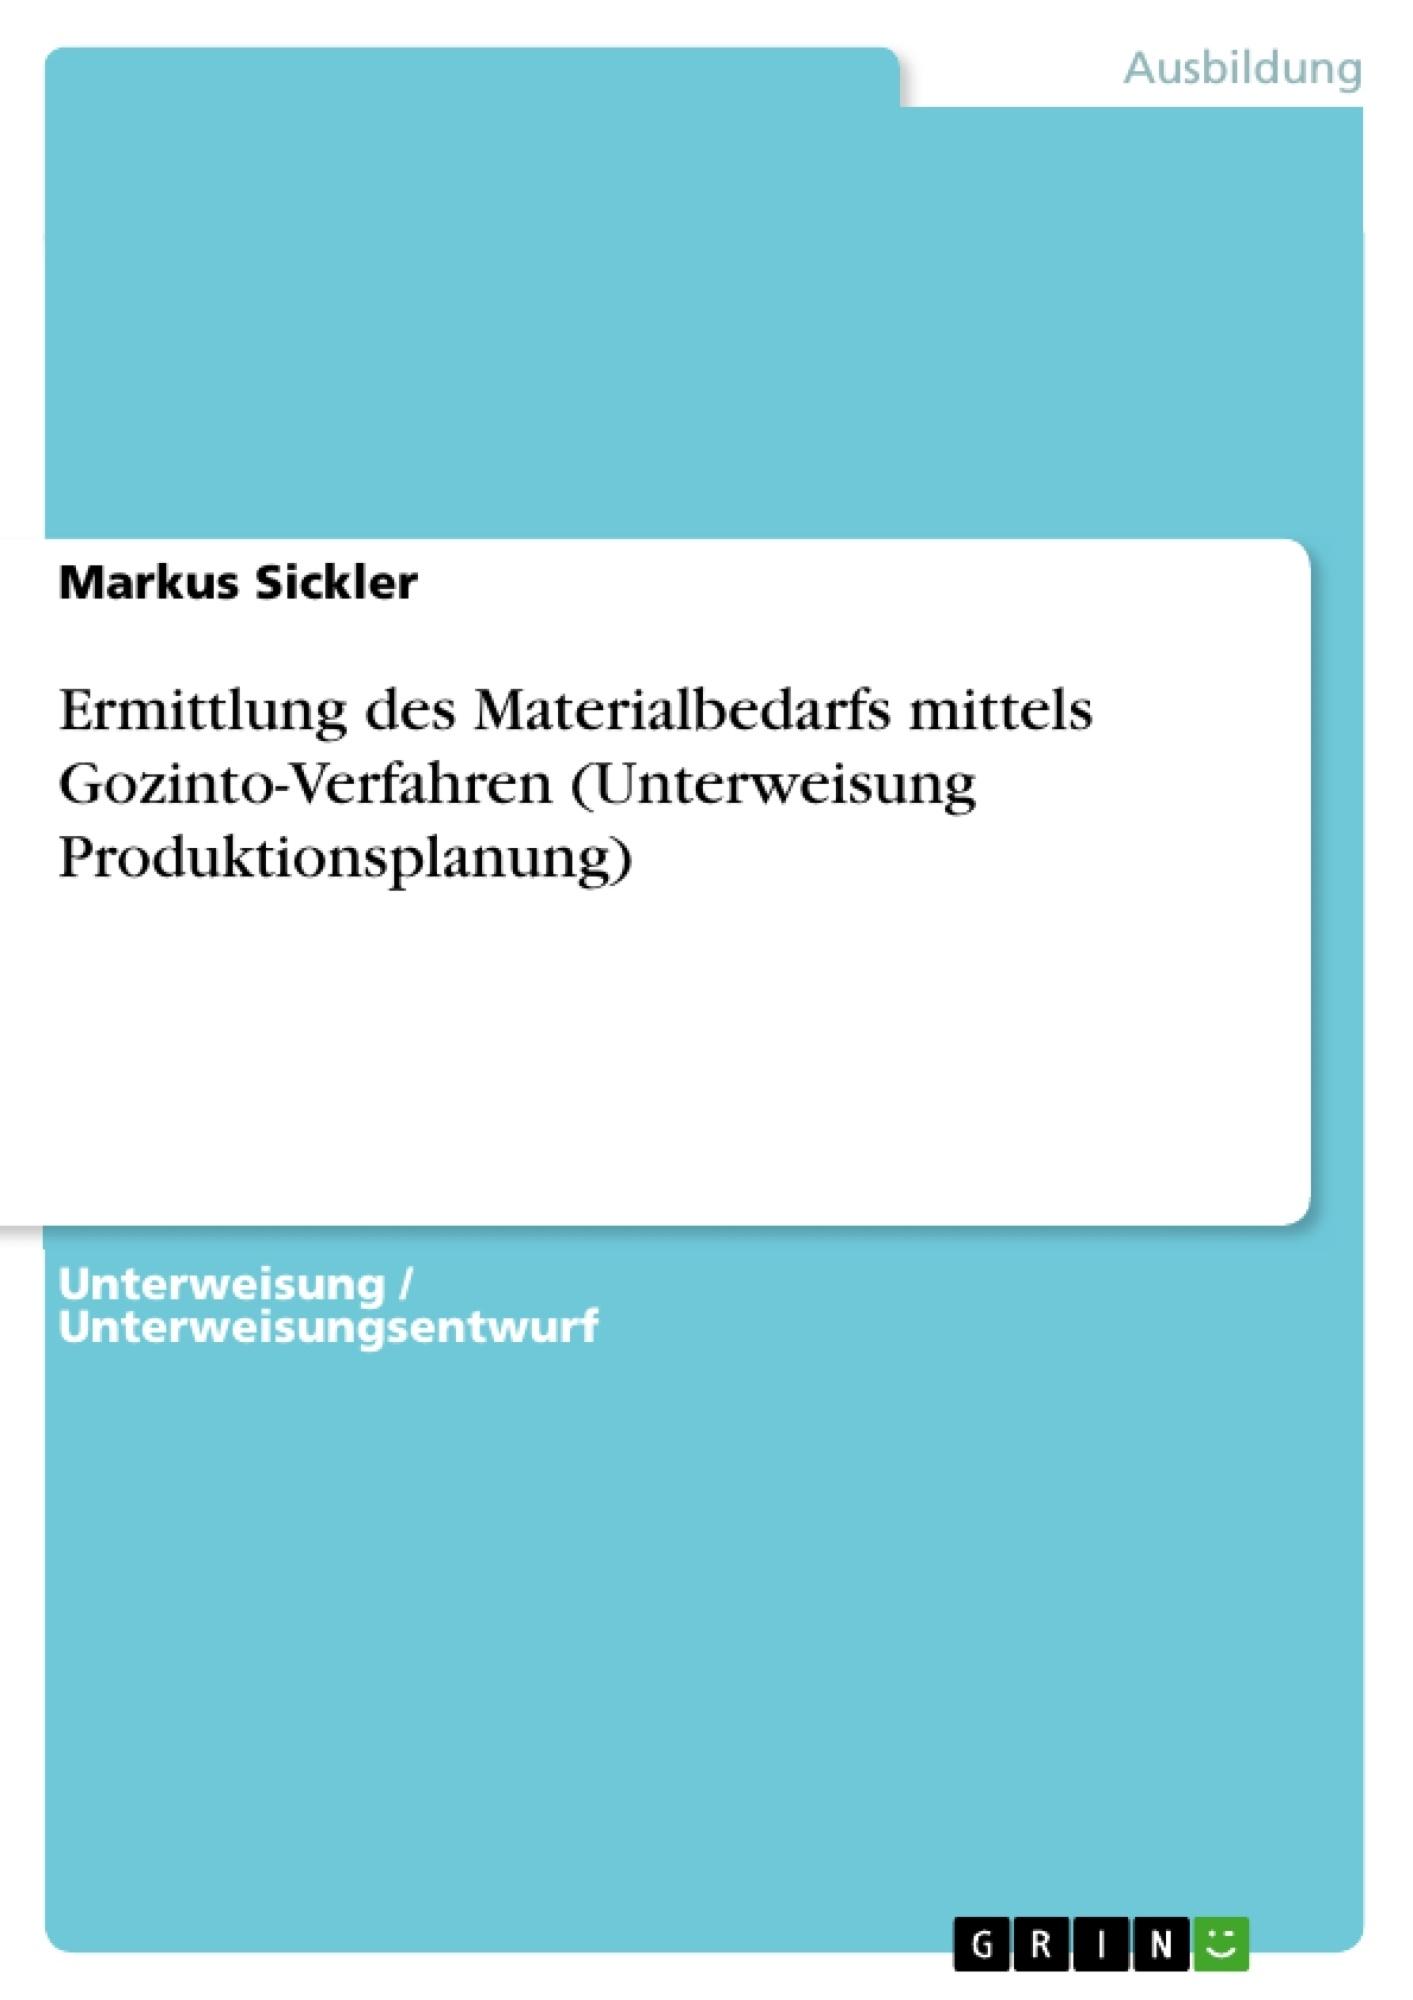 Titel: Ermittlung des Materialbedarfs mittels Gozinto-Verfahren (Unterweisung Produktionsplanung)